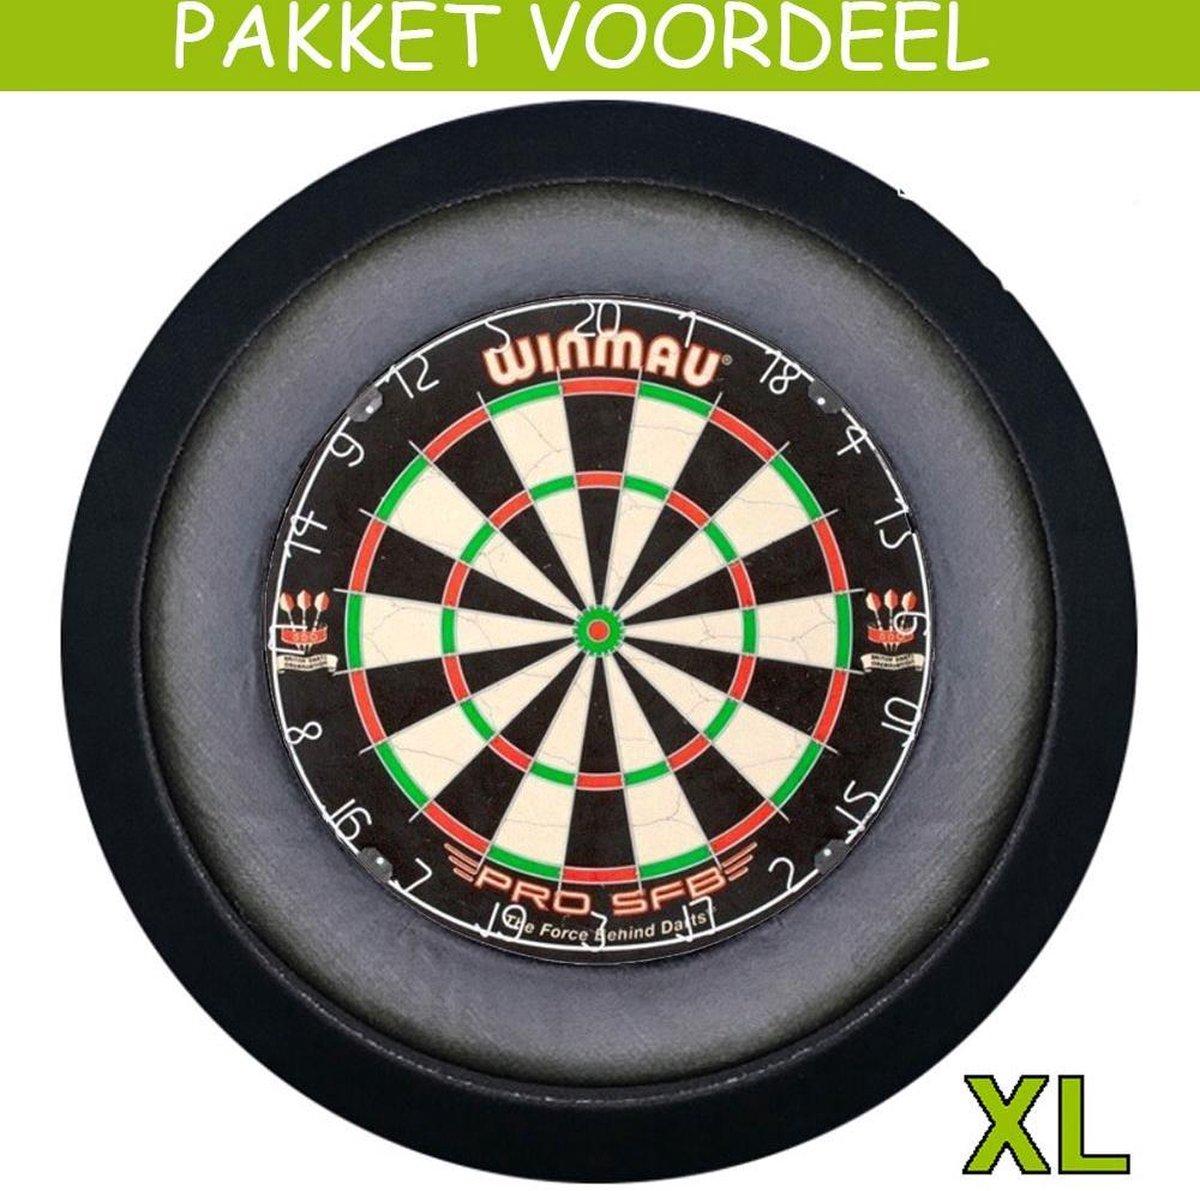 Dartbord Verlichting Voordeelpakket Super Deluxe + Pro SFB + Dartbordverlichting Deluxe XL(Zwart)